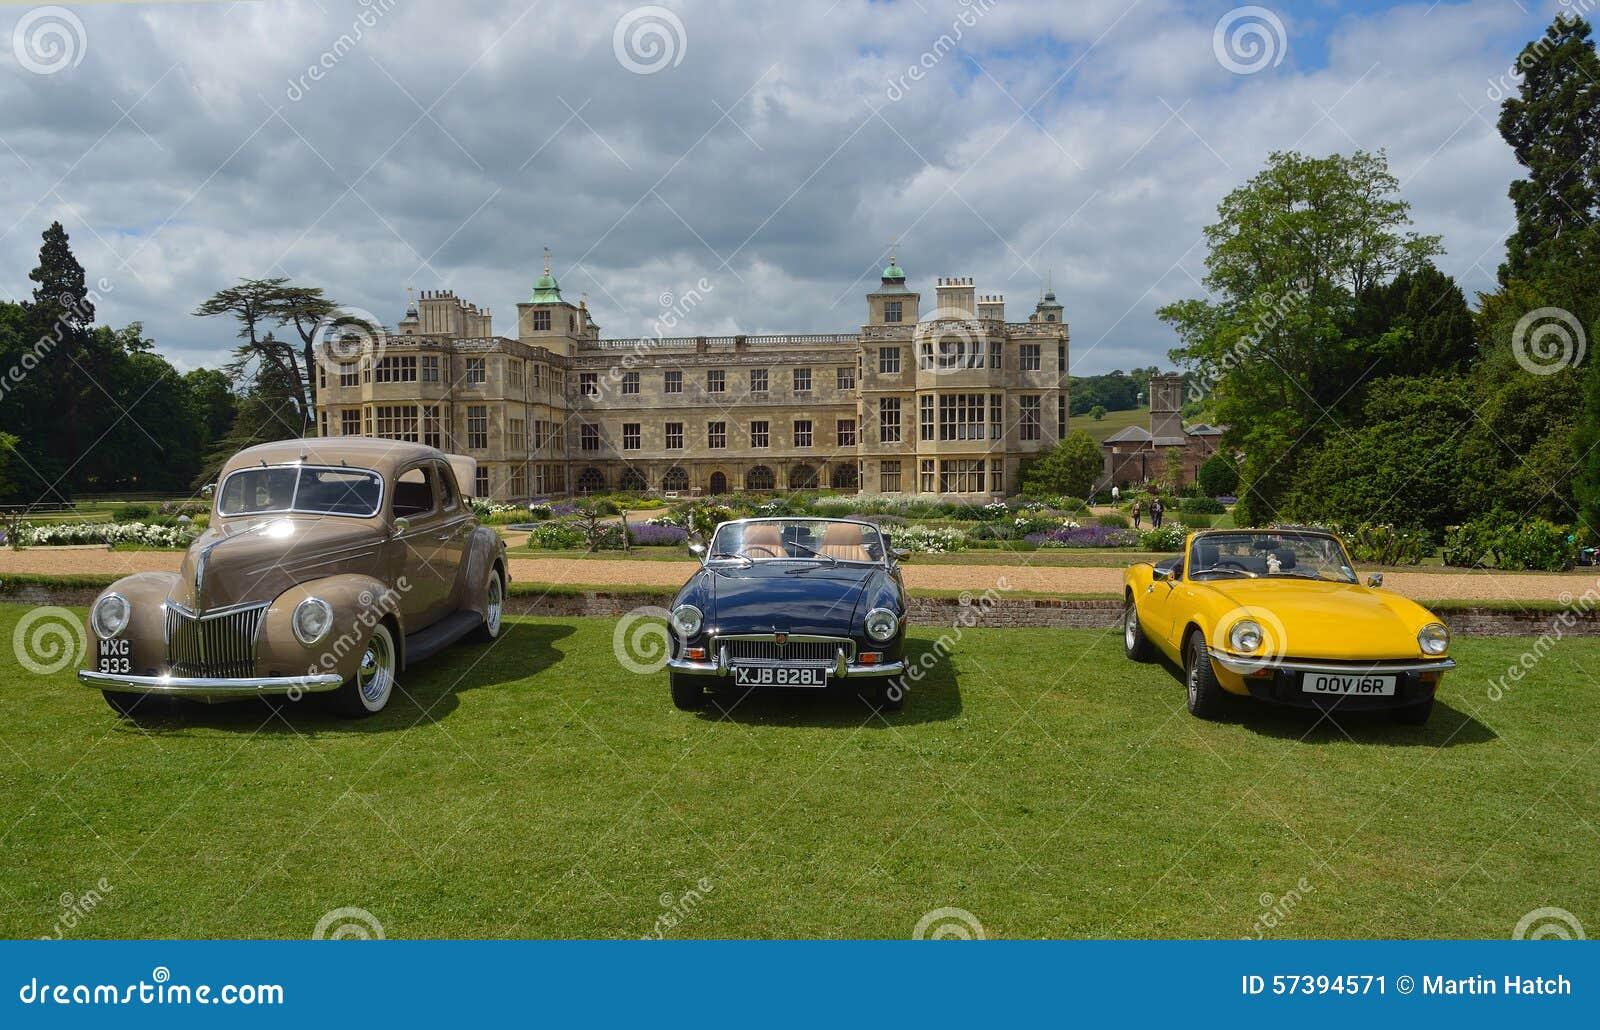 Classic Car Dealer Essex